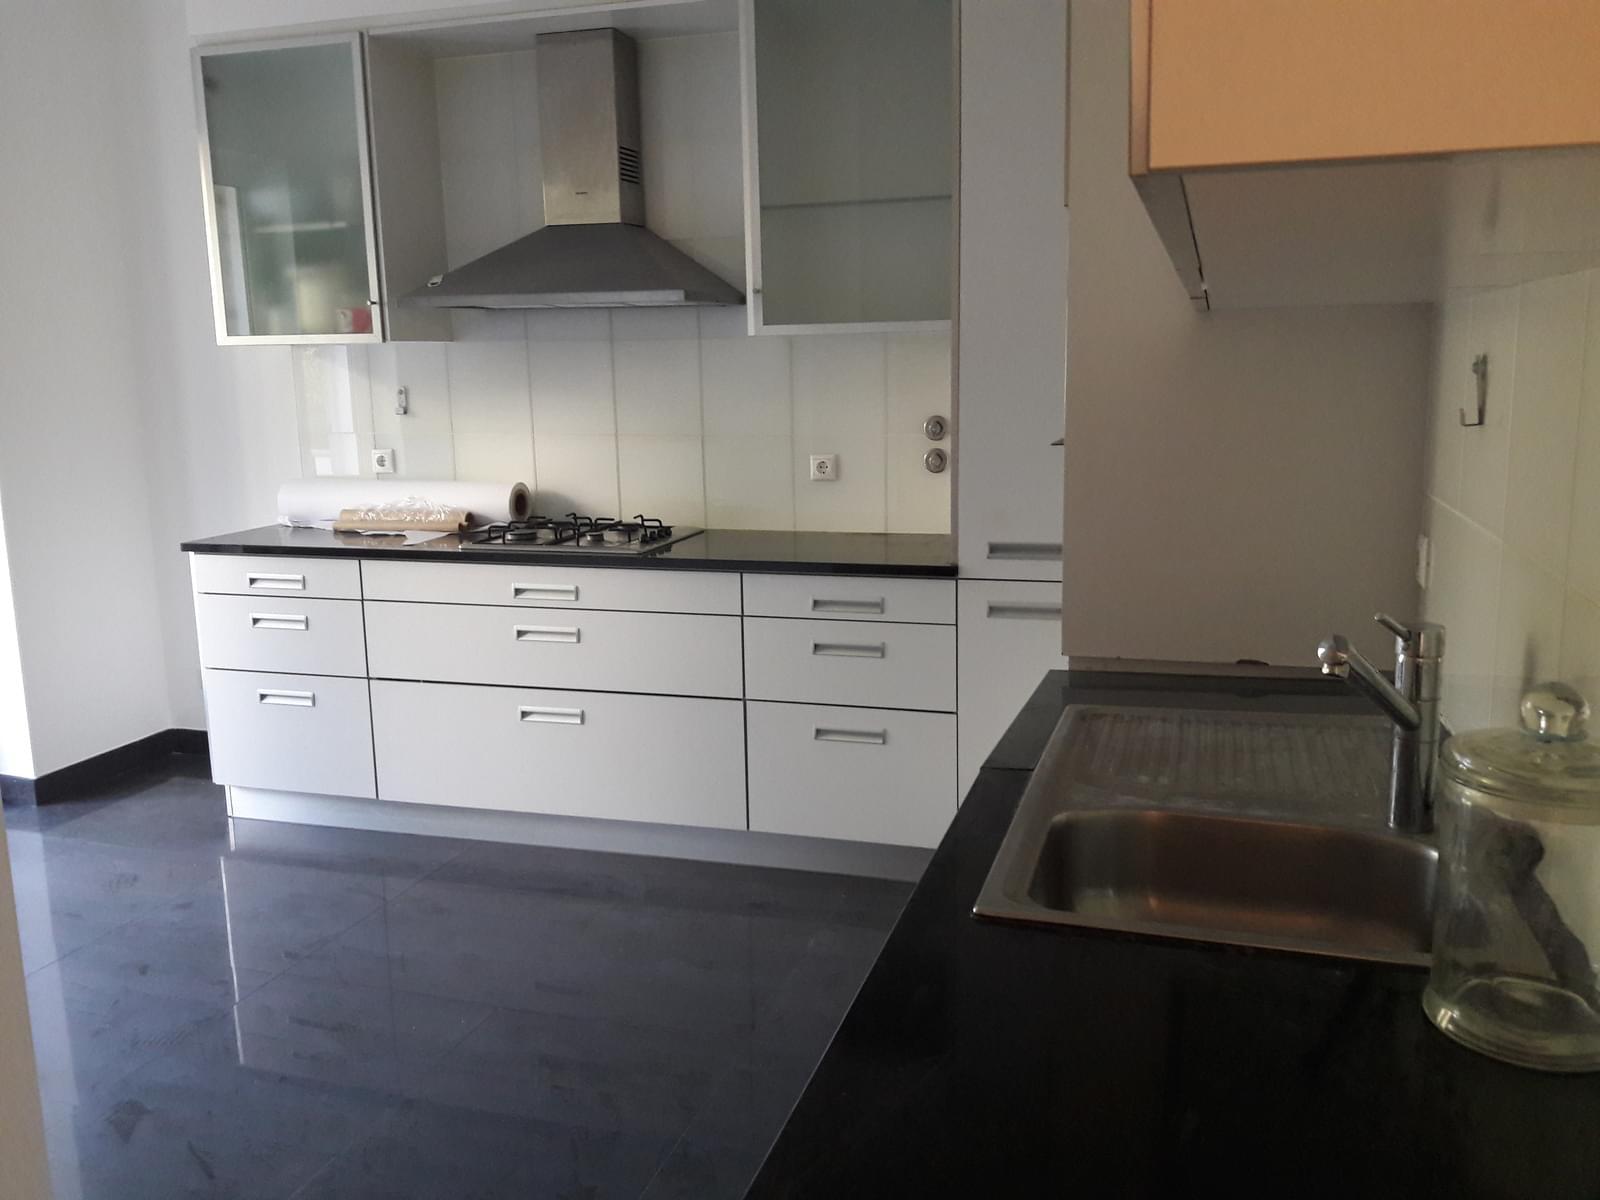 pf18057-apartamento-t3-sintra-73d53d5d-55b5-43d9-9548-c51d1f8887f4